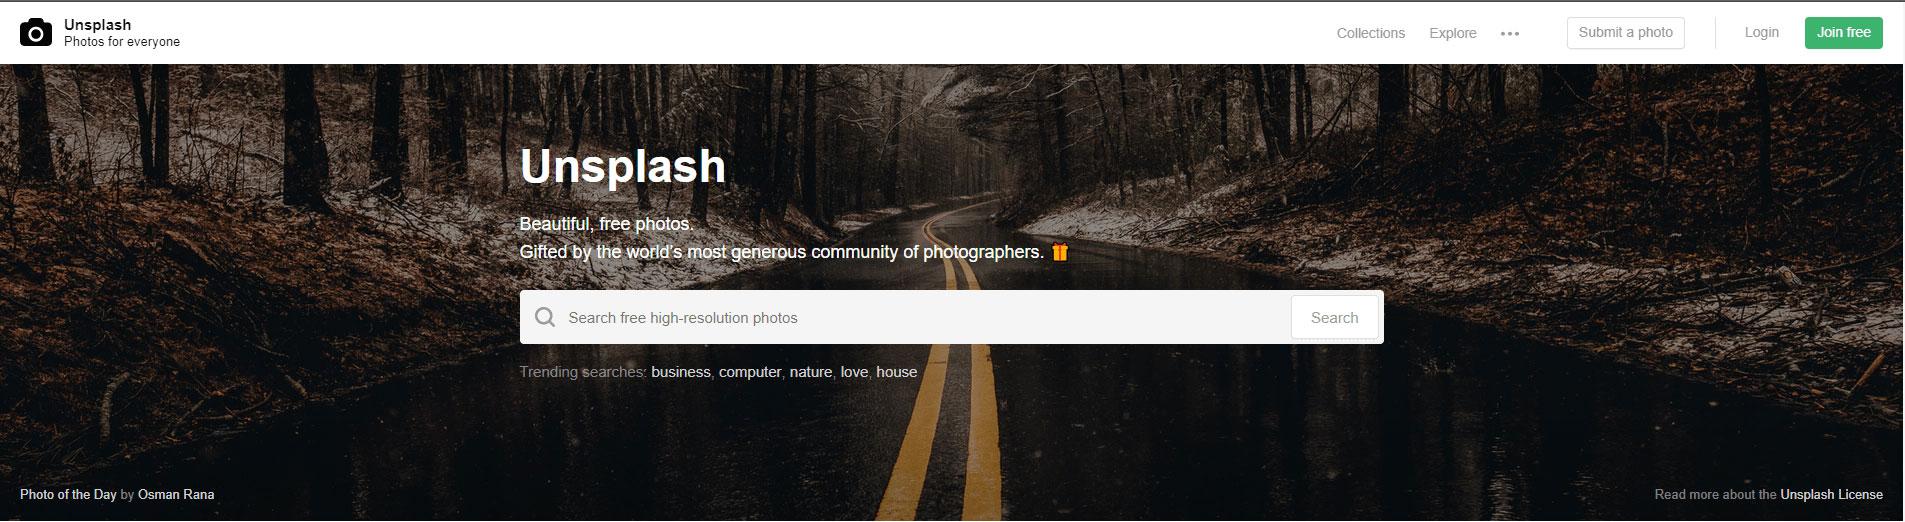 Unsplash kostenlose Bilder